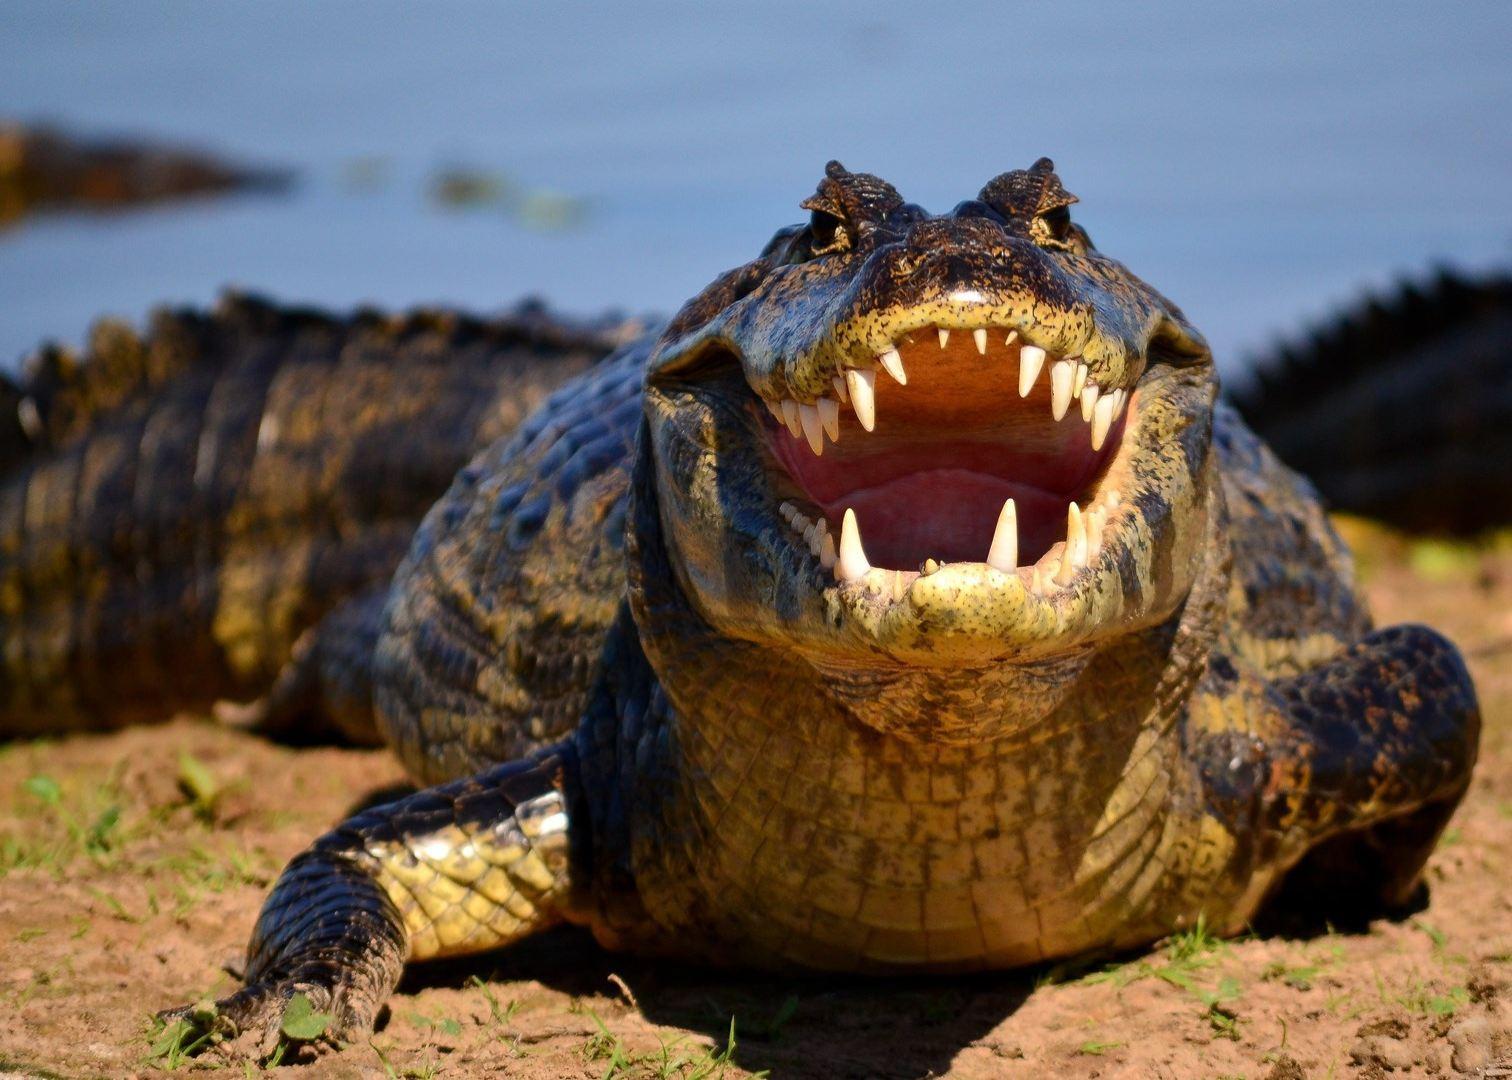 Alligator Watching And Piranhas Fishing